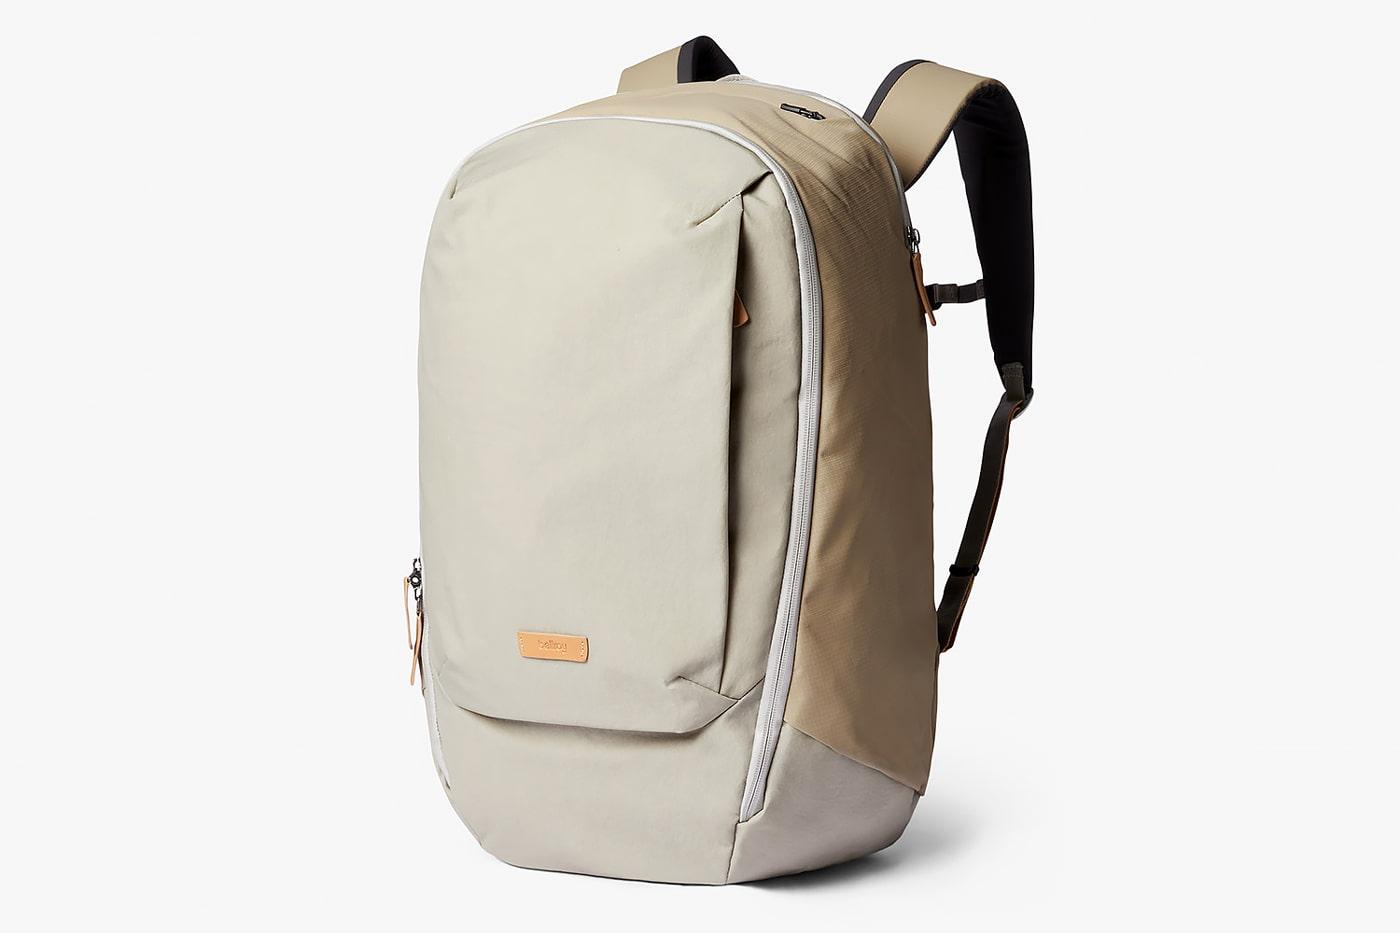 Best Designed Travel Backpack